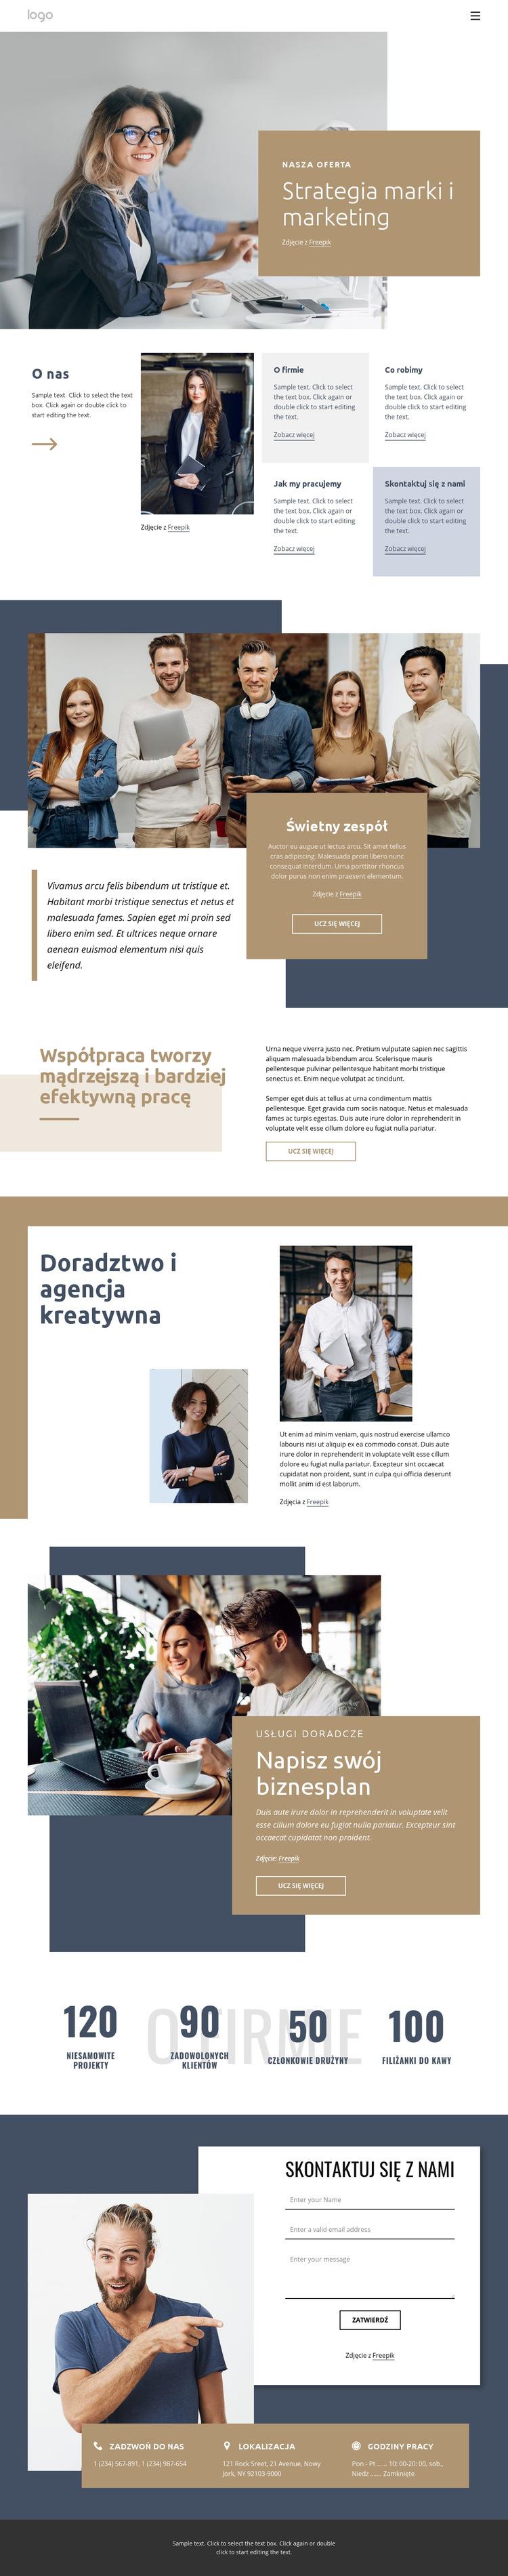 Strategia marki i marketing Szablon witryny sieci Web